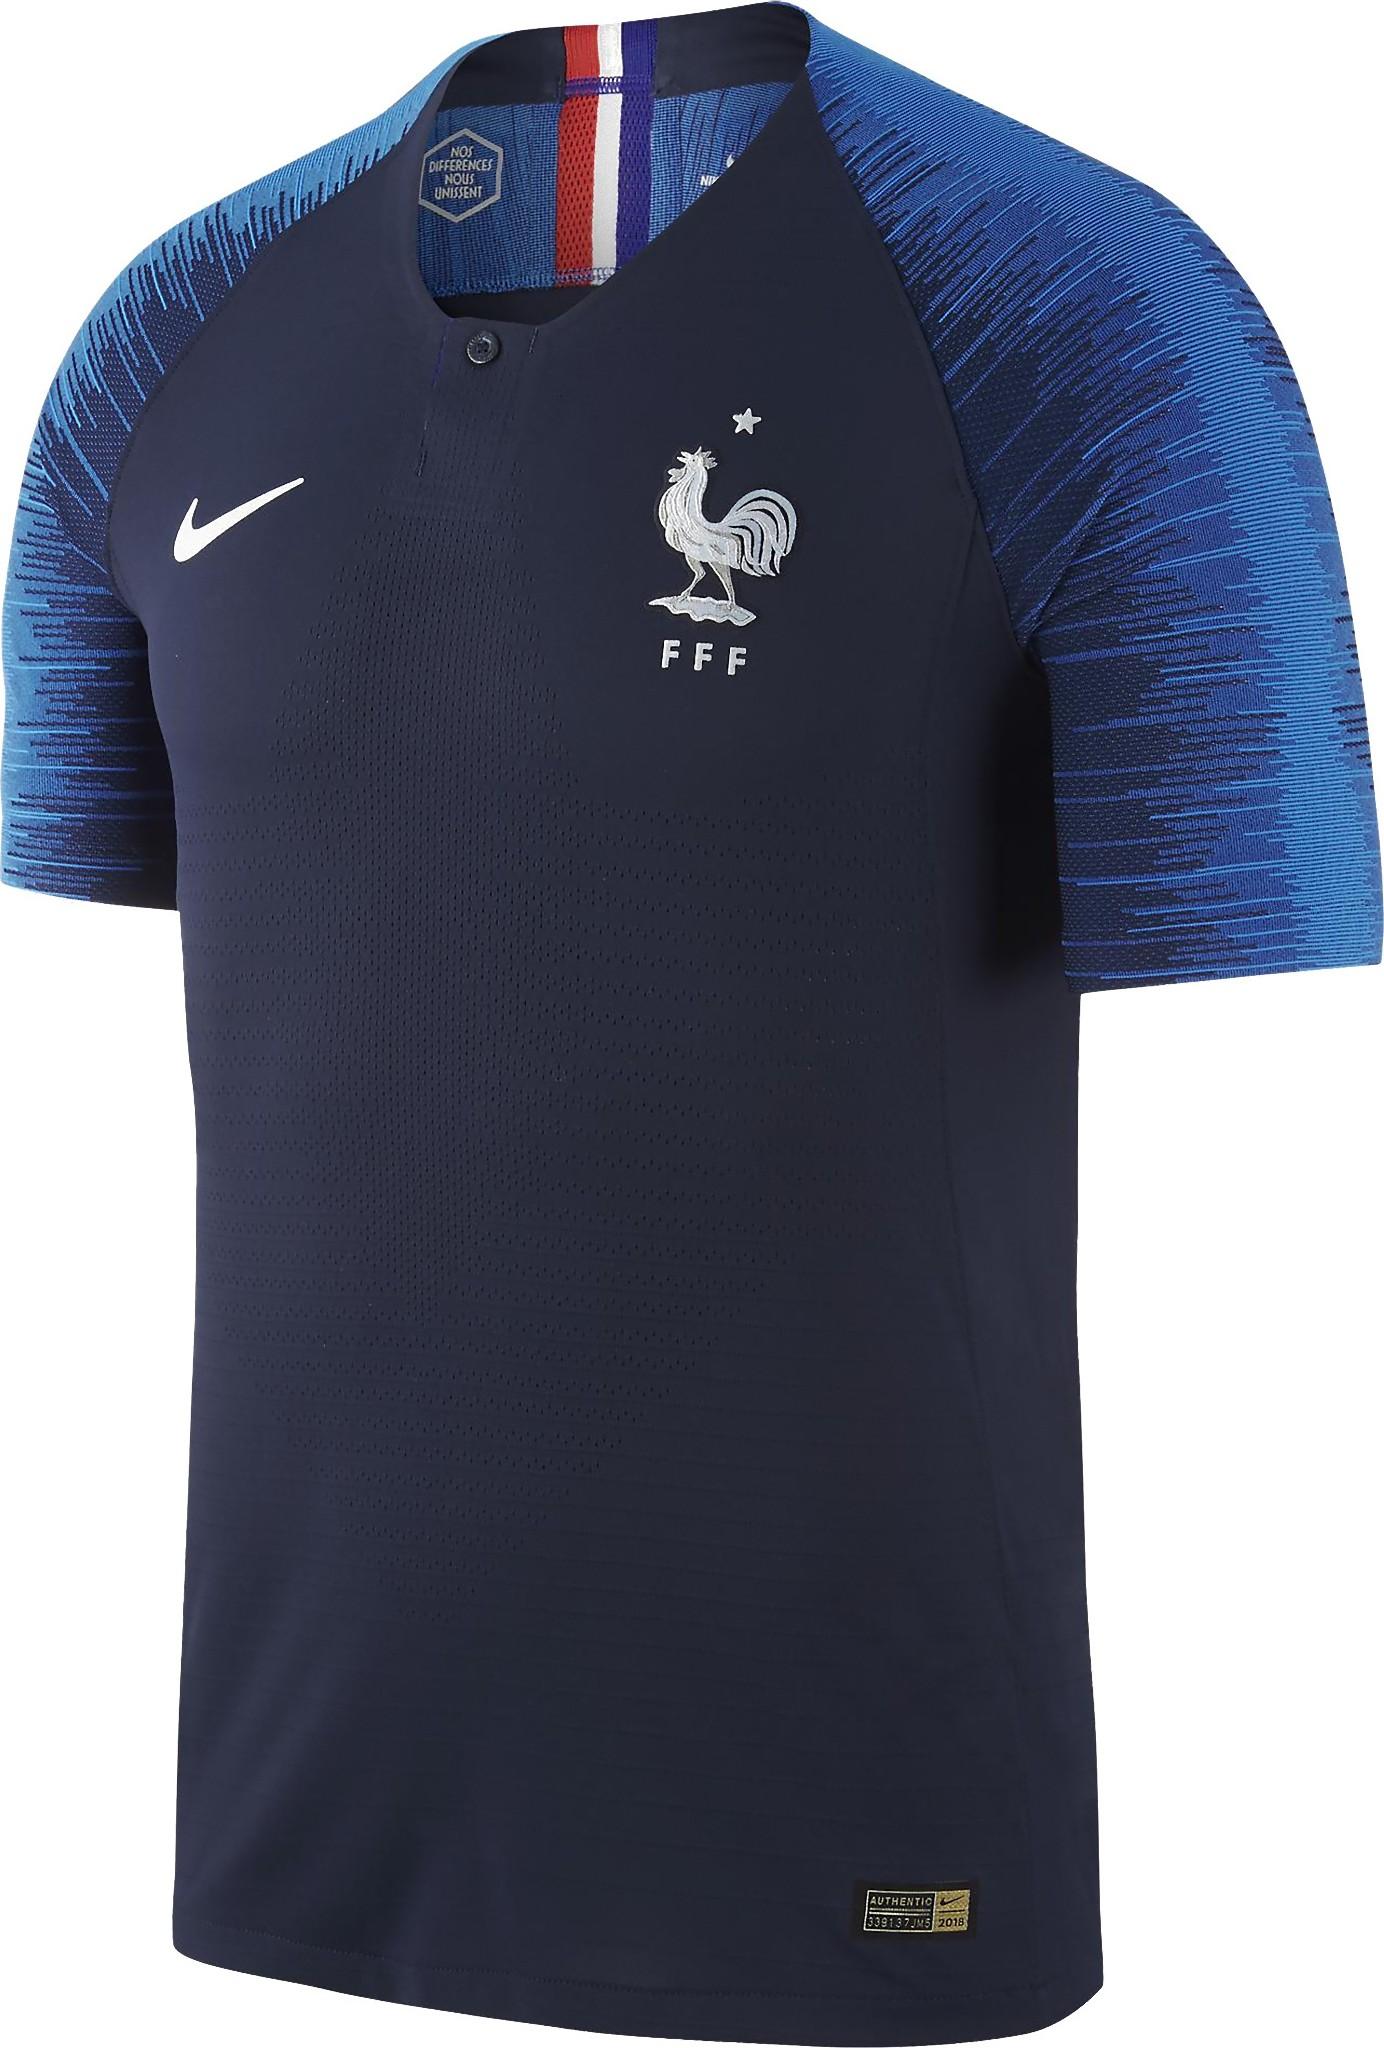 フランス共和国のシンボル: (4) 雄鶏: フランス人気 …